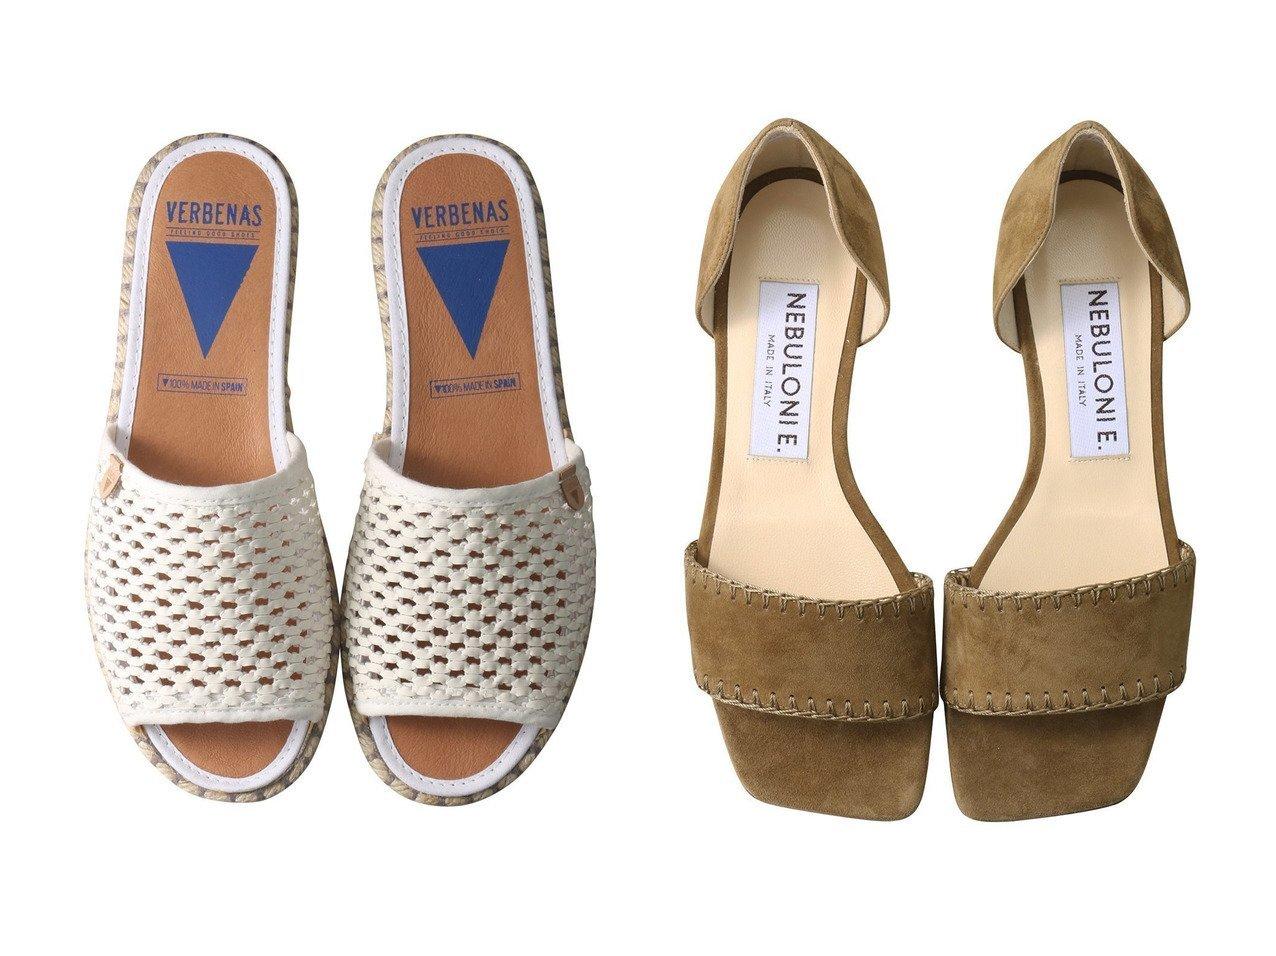 【Esmeralda/エスメラルダ】の【VERBENAS】メッシュエスパドリーユサンダル&【1er Arrondissement/プルミエ アロンディスモン】の【NEBULONIE】スエードフラットパンプス 【シューズ・靴】おすすめ!人気、トレンド・レディースファッションの通販 おすすめで人気の流行・トレンド、ファッションの通販商品 メンズファッション・キッズファッション・インテリア・家具・レディースファッション・服の通販 founy(ファニー) https://founy.com/ ファッション Fashion レディースファッション WOMEN 2021年 2021 2021春夏・S/S SS/Spring/Summer/2021 S/S・春夏 SS・Spring/Summer スエード フラット 春 Spring |ID:crp329100000027843